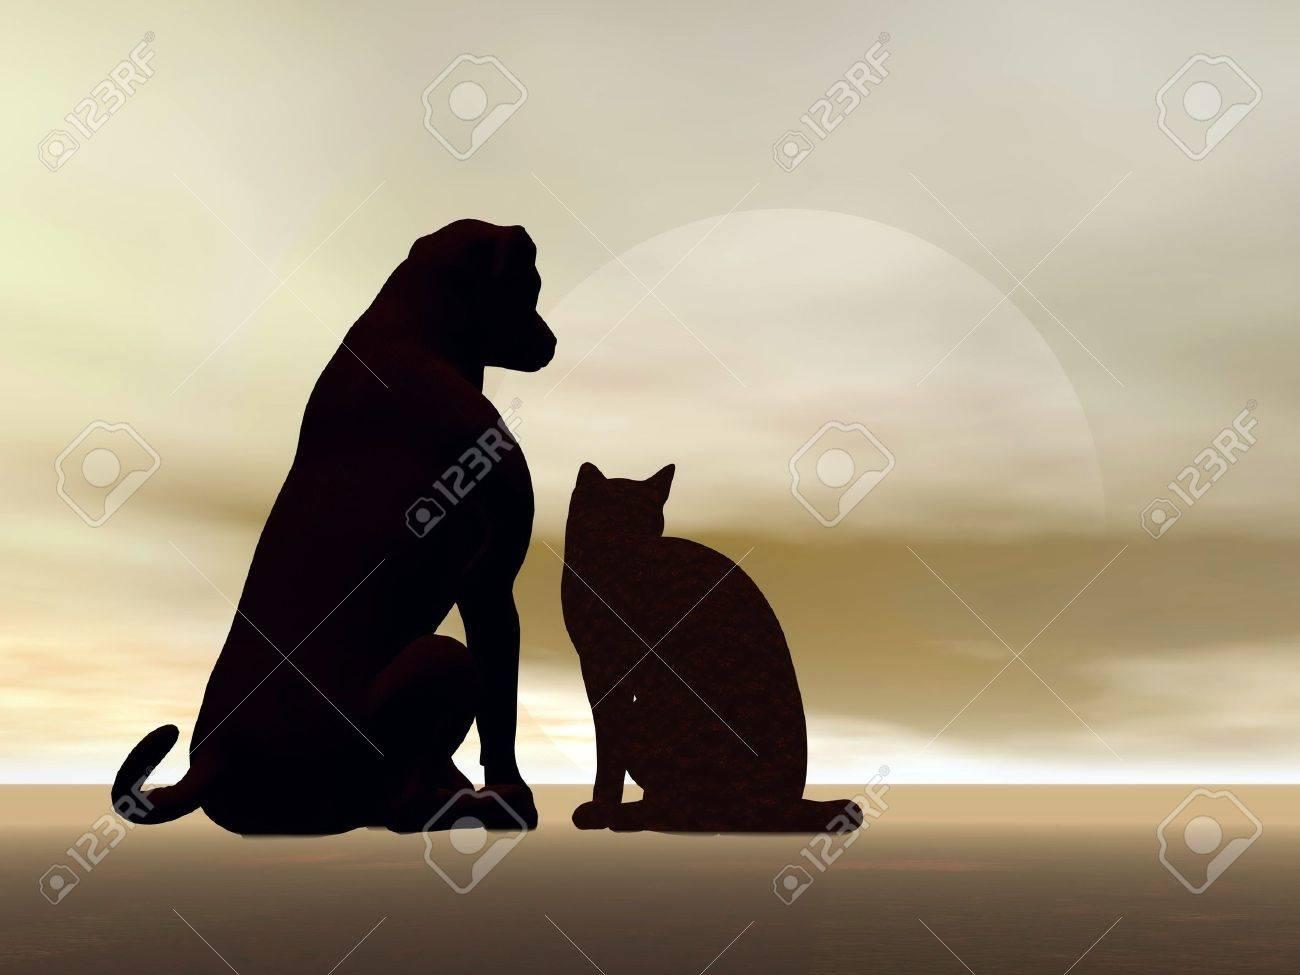 siluetas de perros y gatos que se sientan pacíficamente delante de la luna Foto de archivo - 21404797